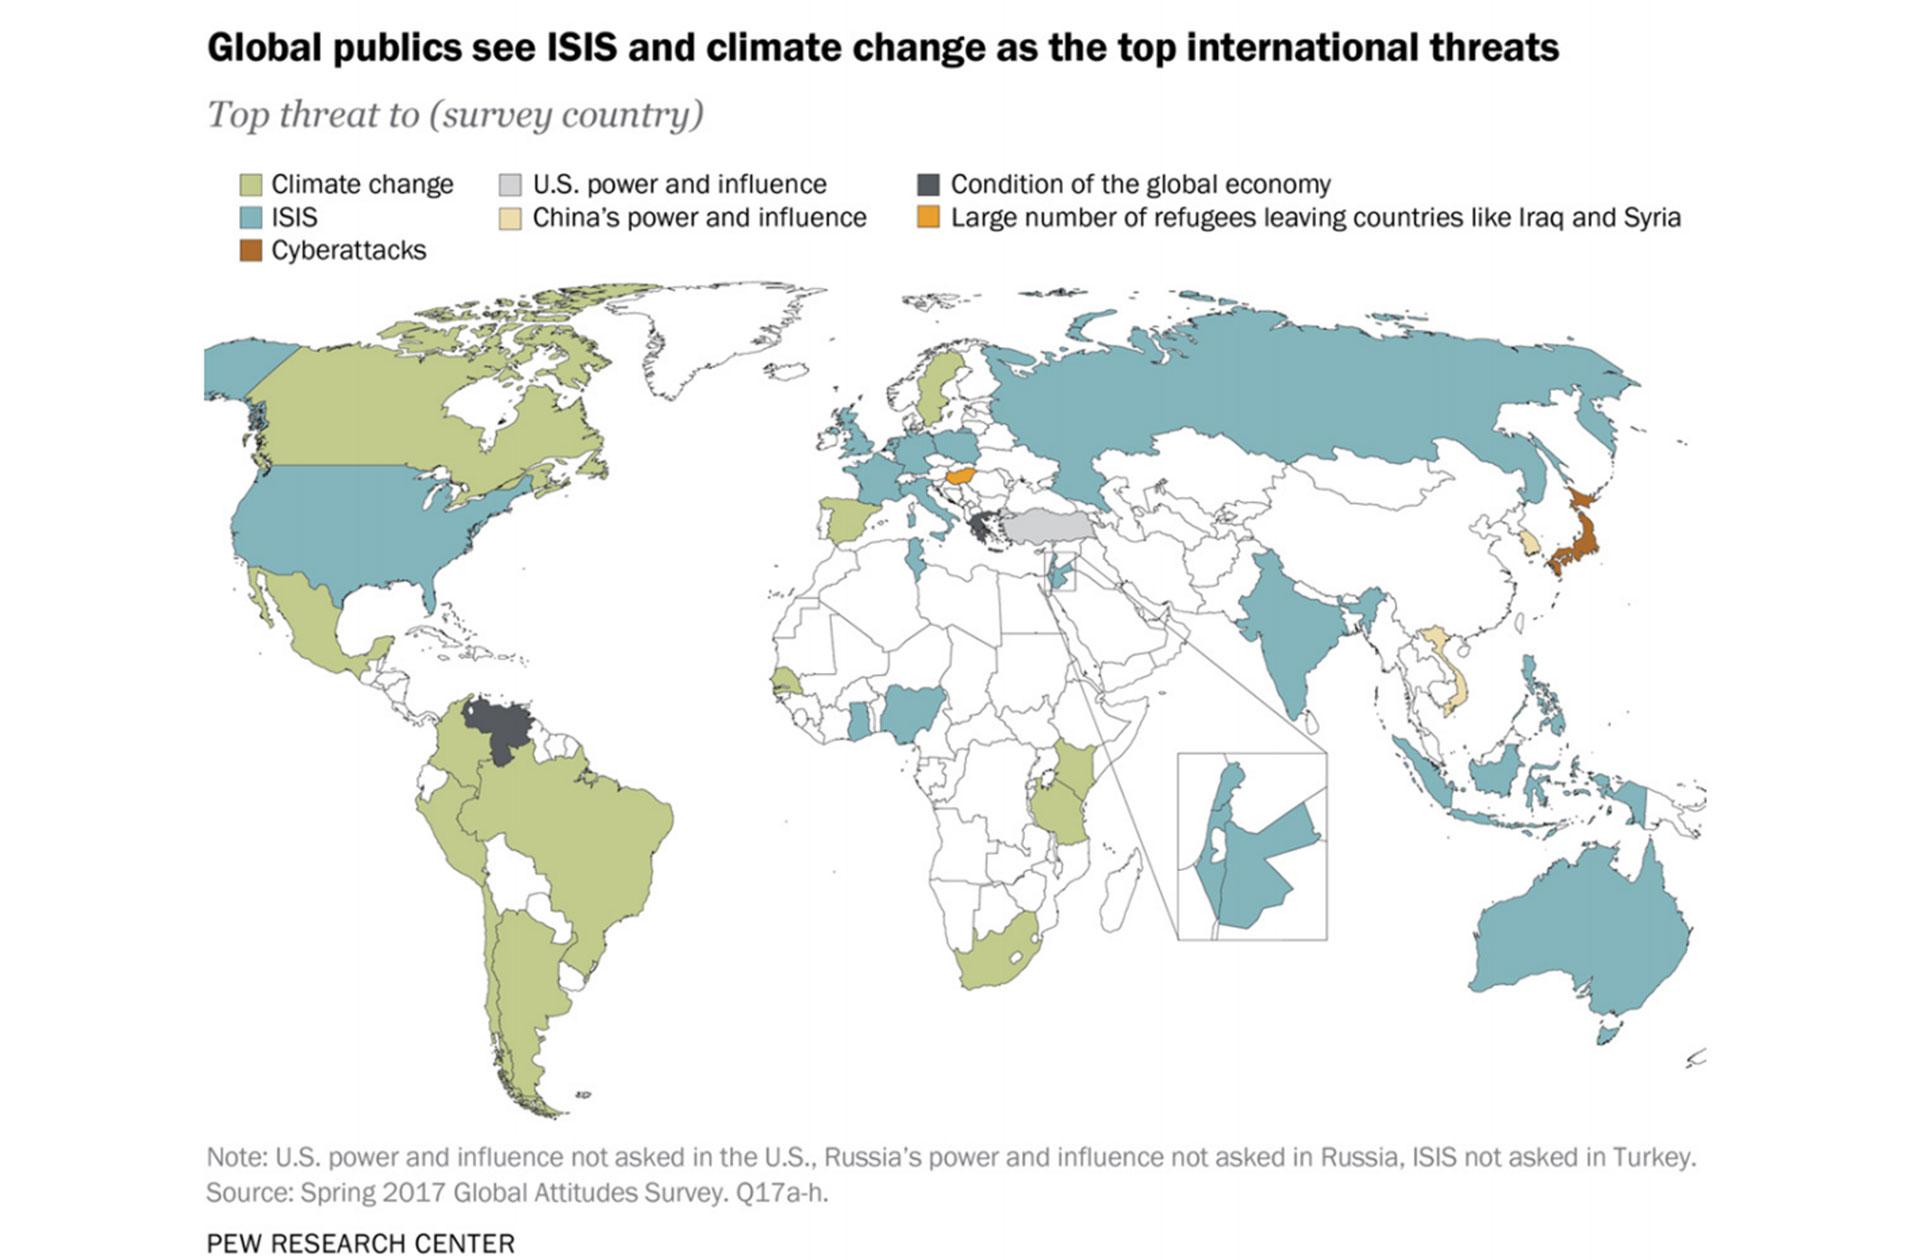 El mapa que muestra cuáles son las principales amenazas para los habitantes de cada país